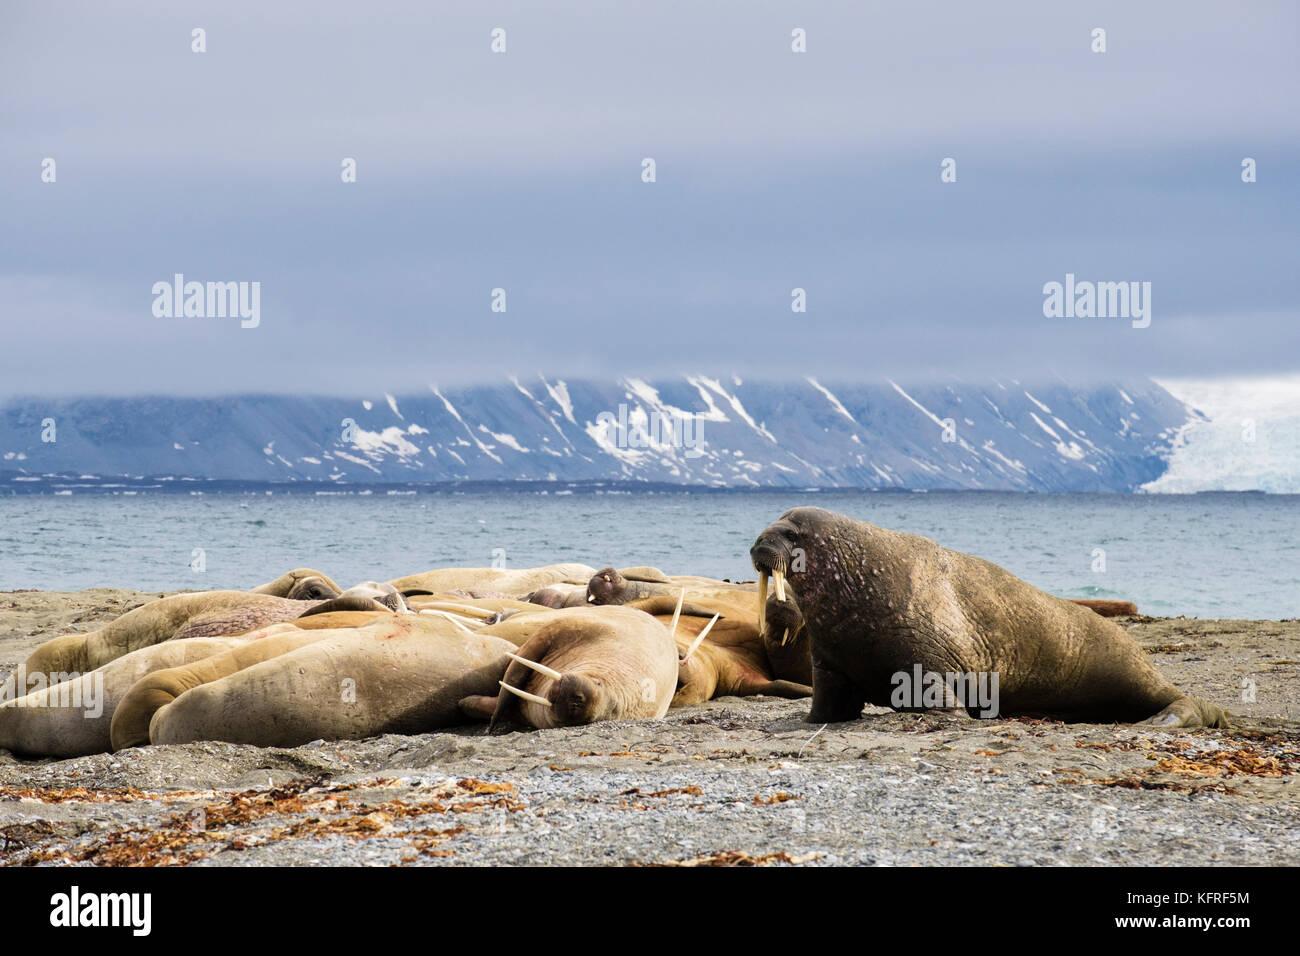 Grupo de morsas (Odobenus rosmarus) adultos asentado a descansar en tierra seca en la costa ártica en verano Imagen De Stock